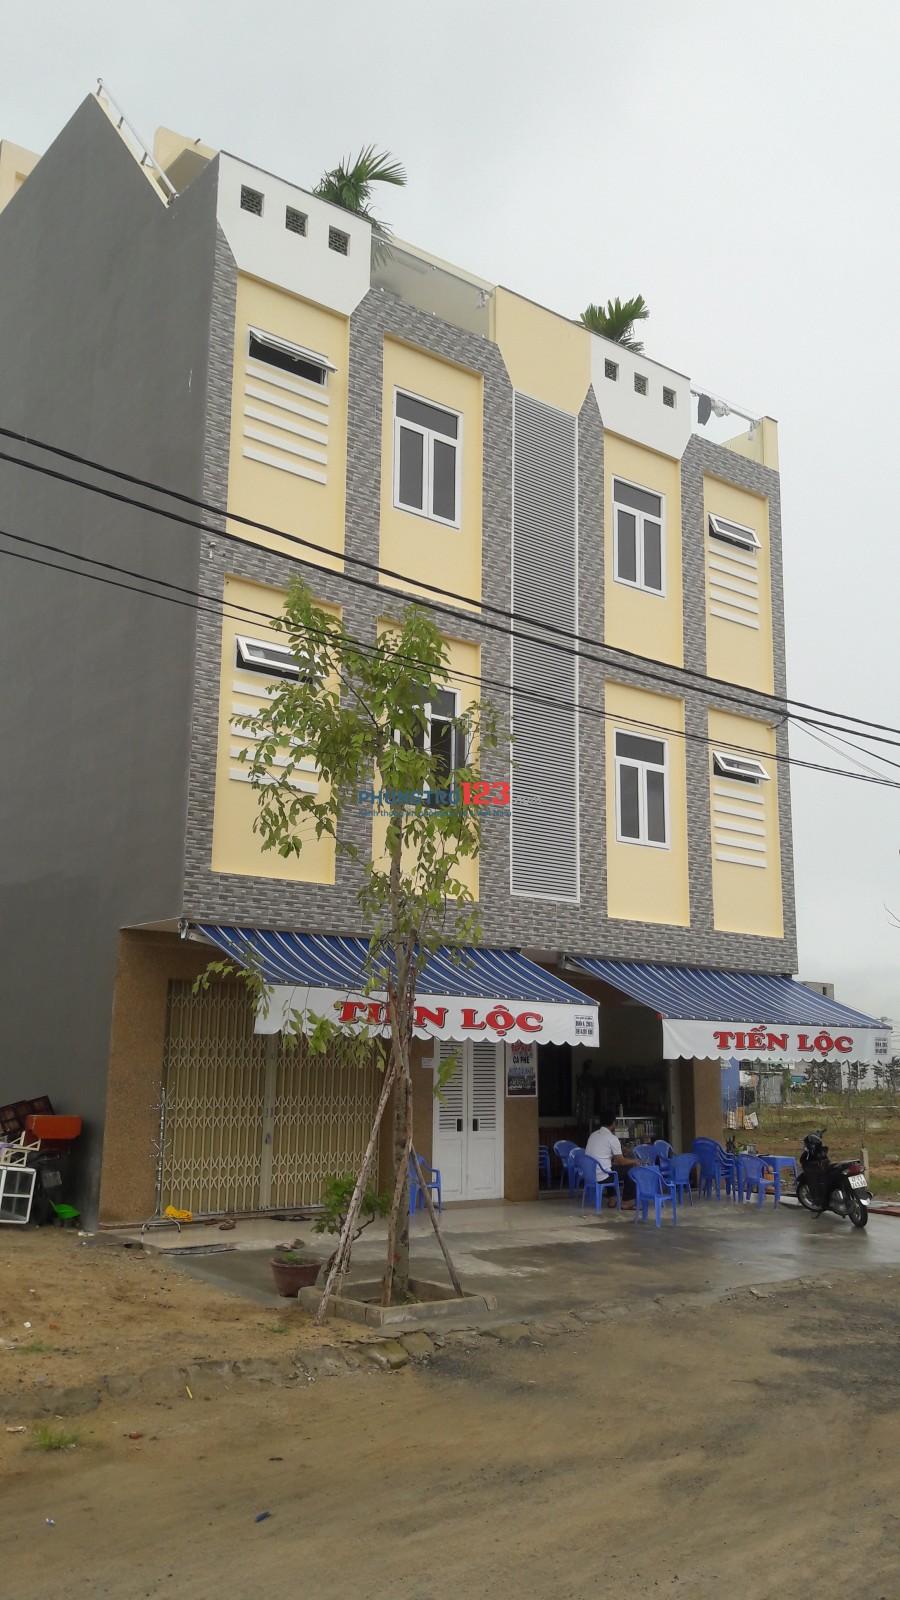 Phòng trọ chất lượng tại Khu ĐT Sinh thái Hòa Xuân, Cẩm Lệ, Đà Nẵng